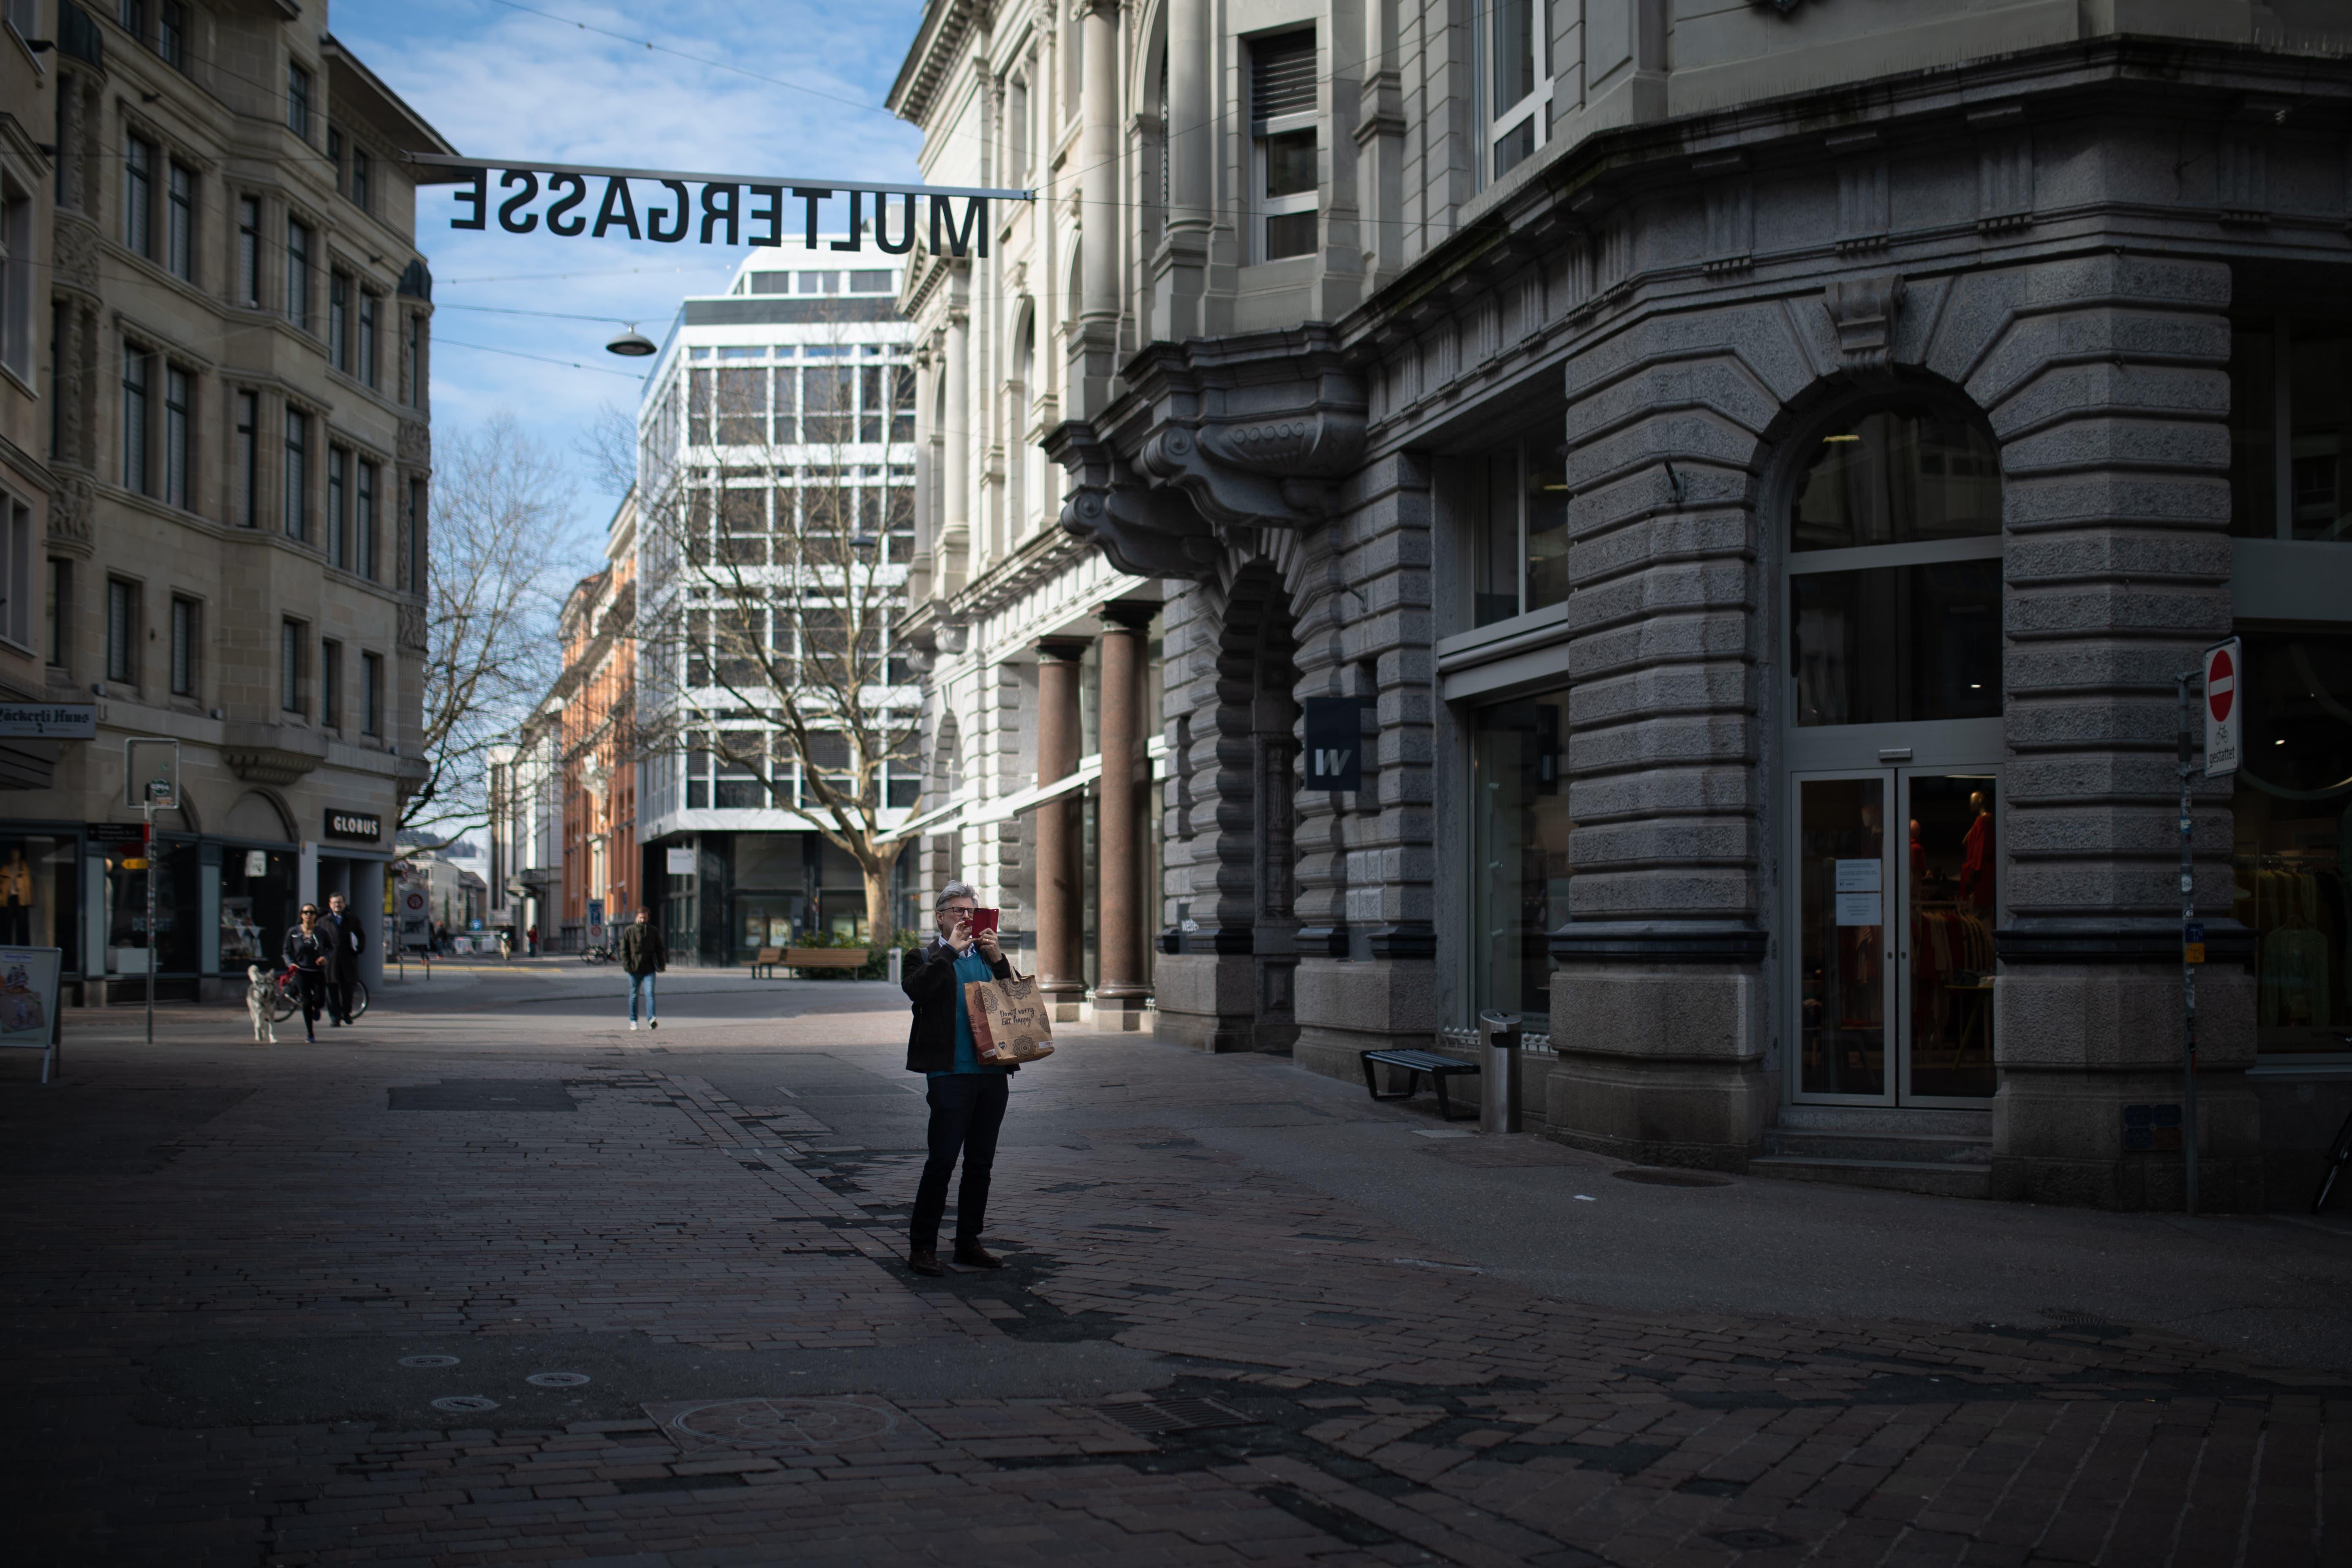 Ein Erinnerungsfoto muss sein: Das St.Galler Stadtzentrum hat sich dank der Corona-Krise geleert. Alle Restaurants und die meisten Geschäfte sind geschlossen. Damit entfallen nicht nur die üblichen Passantenströme, sondern auch der Anlieferungsverkehr.